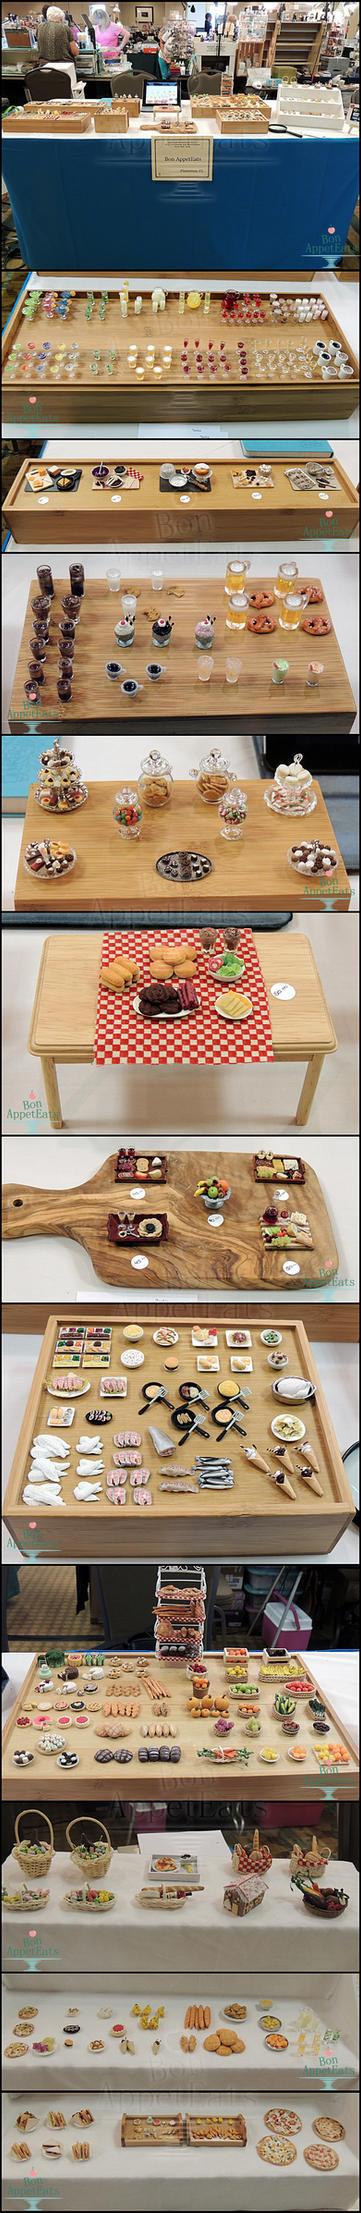 Revised Show Table Setup by Bon-AppetEats